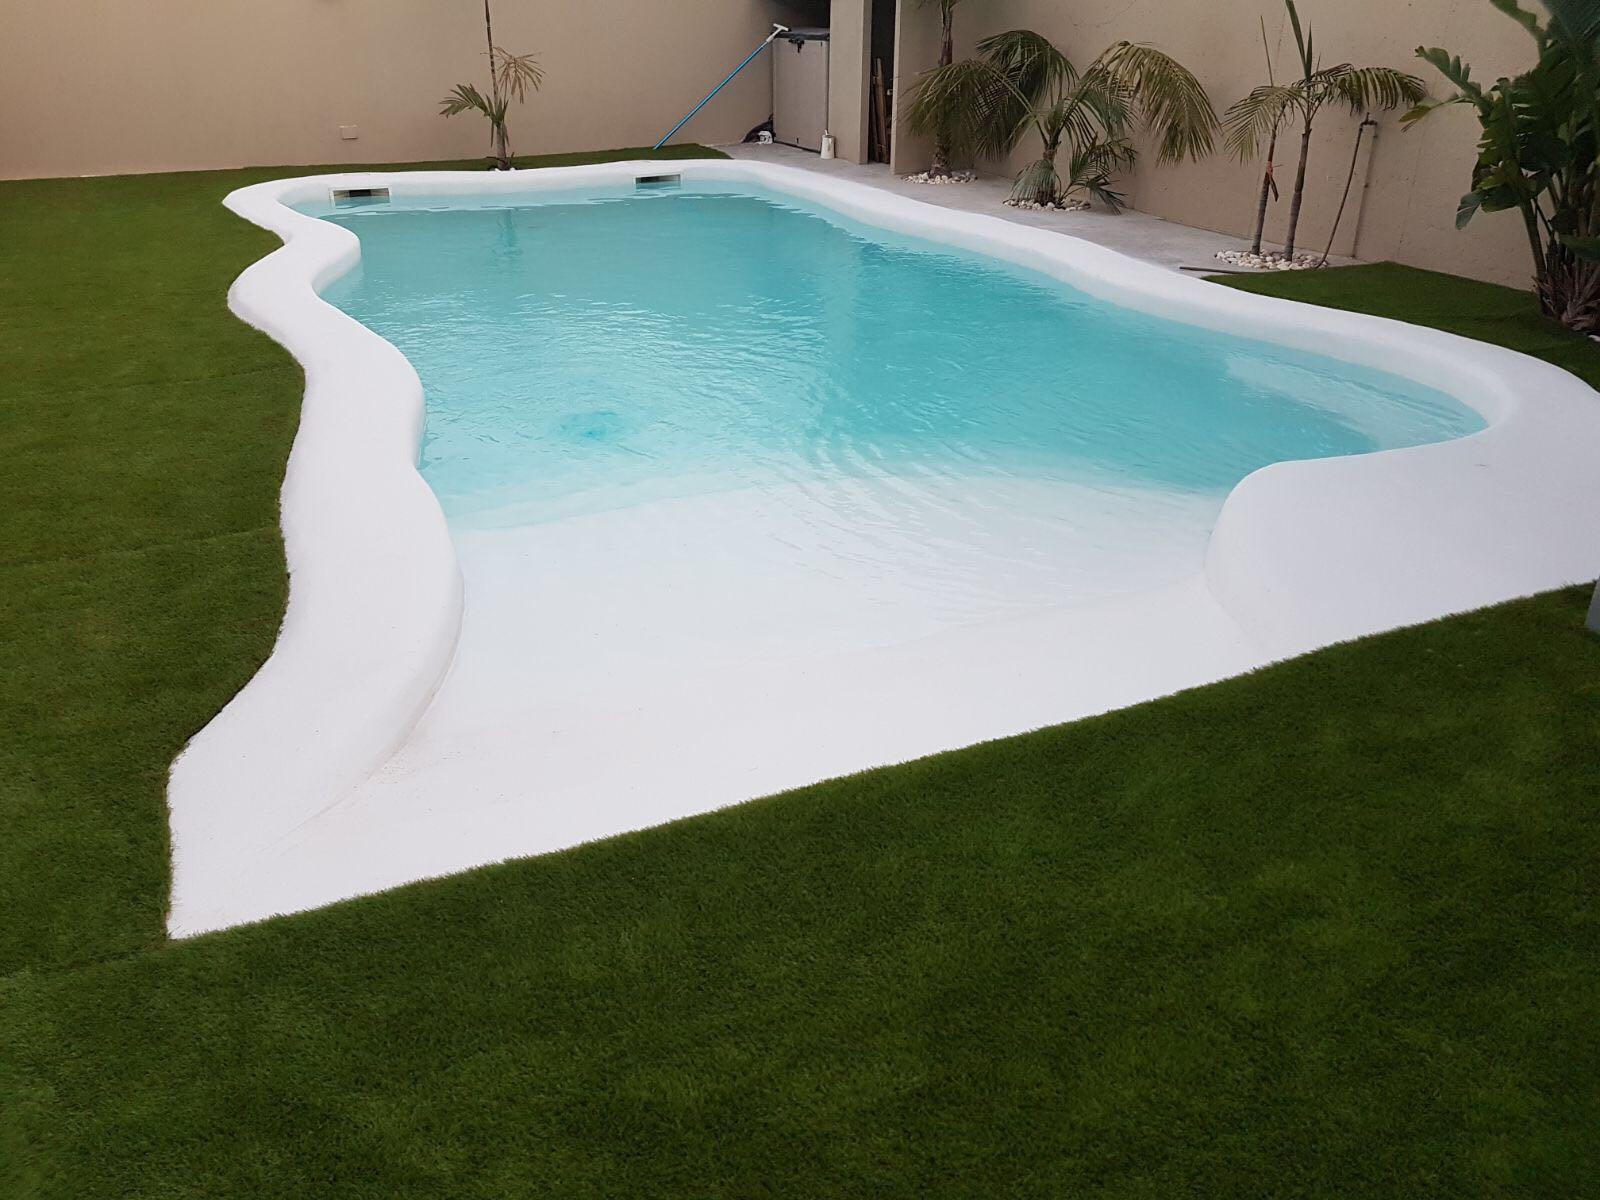 Como se construye una piscina de arena free mas fotos - Piscina de arena ...